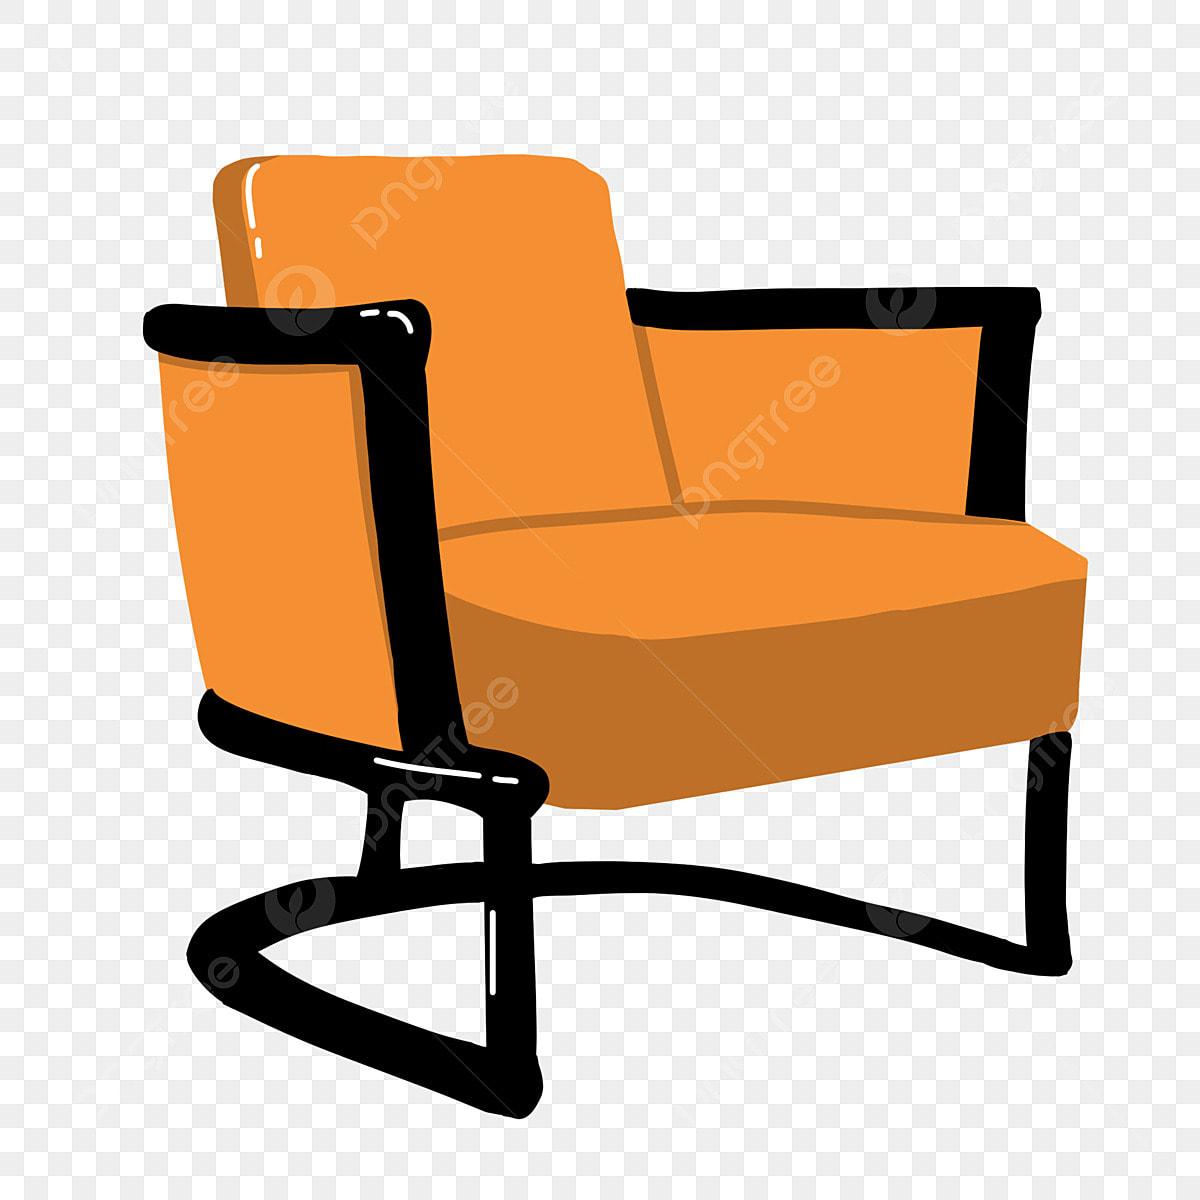 Single Sofa Furniture Illustration Single Sofa Furniture